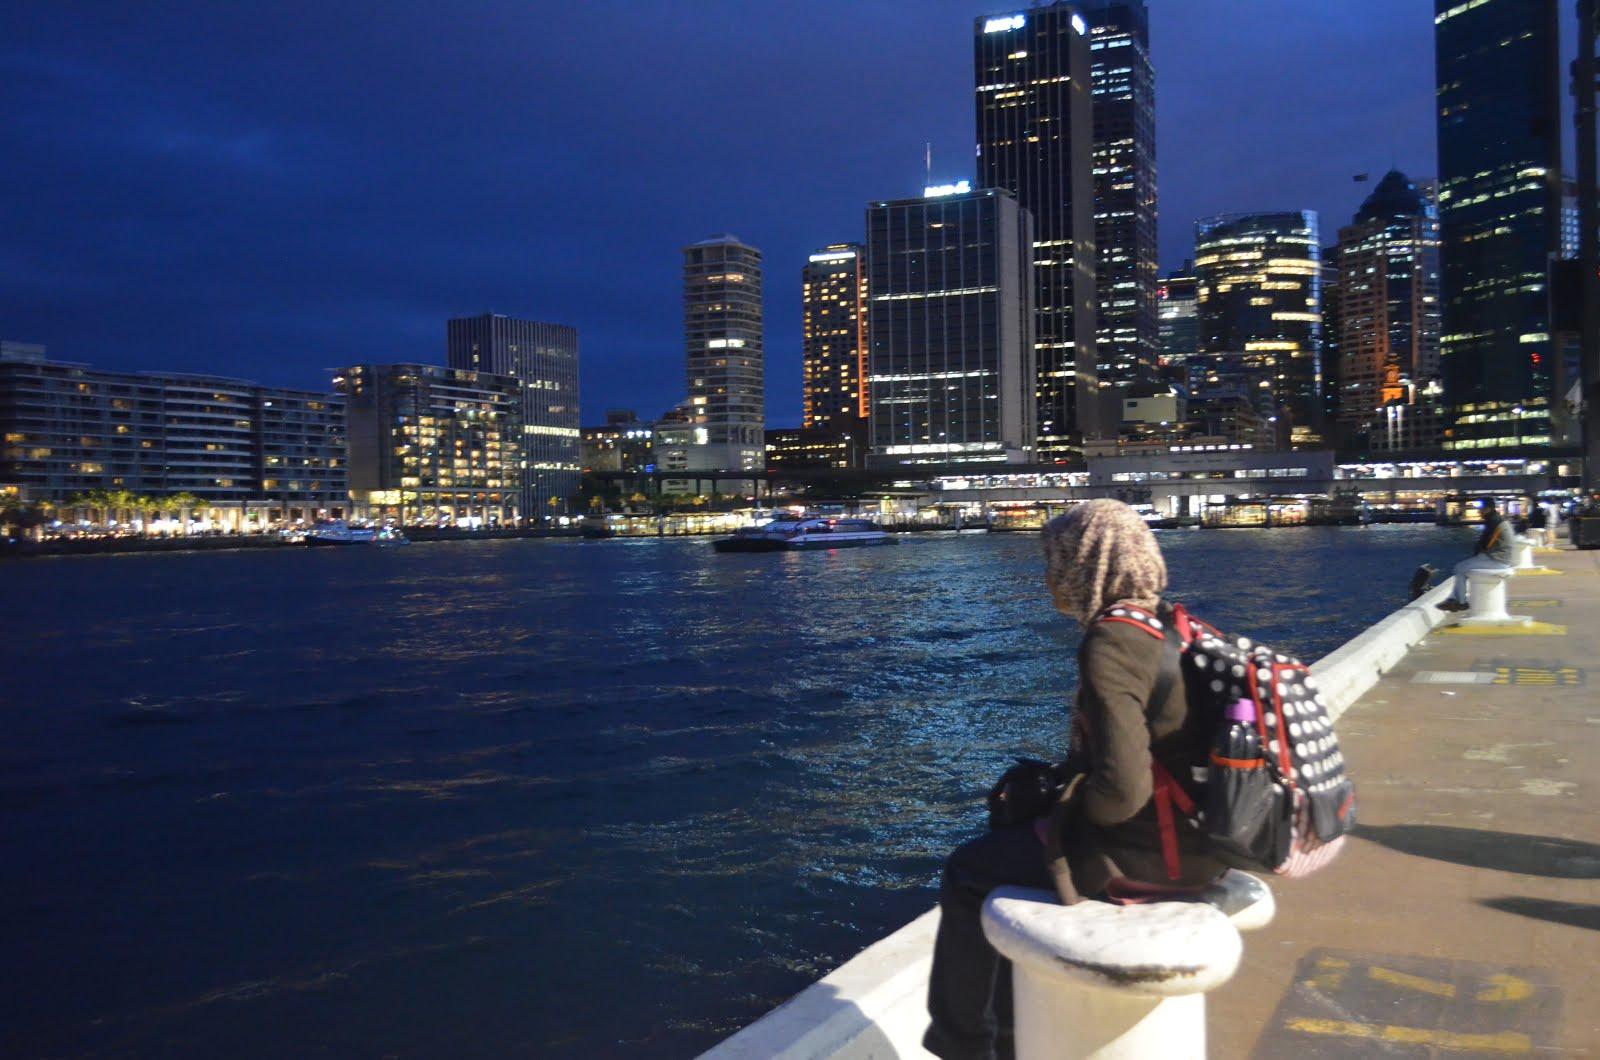 Trip to Sydney - New Zealand